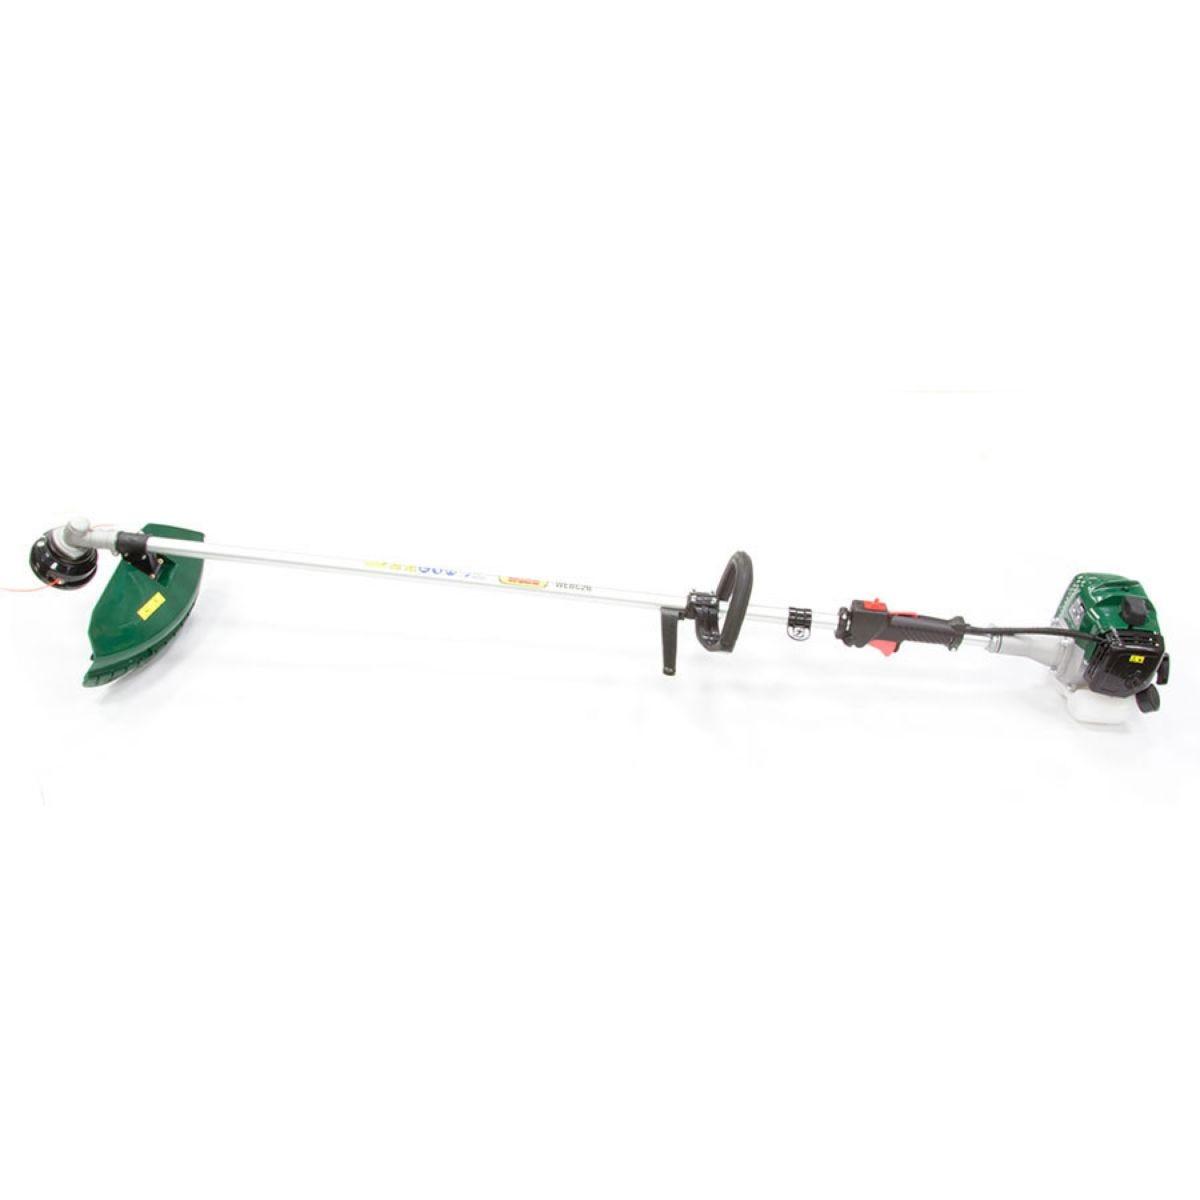 Webb BC26 26cc 2-Stroke Petrol Brushcutter